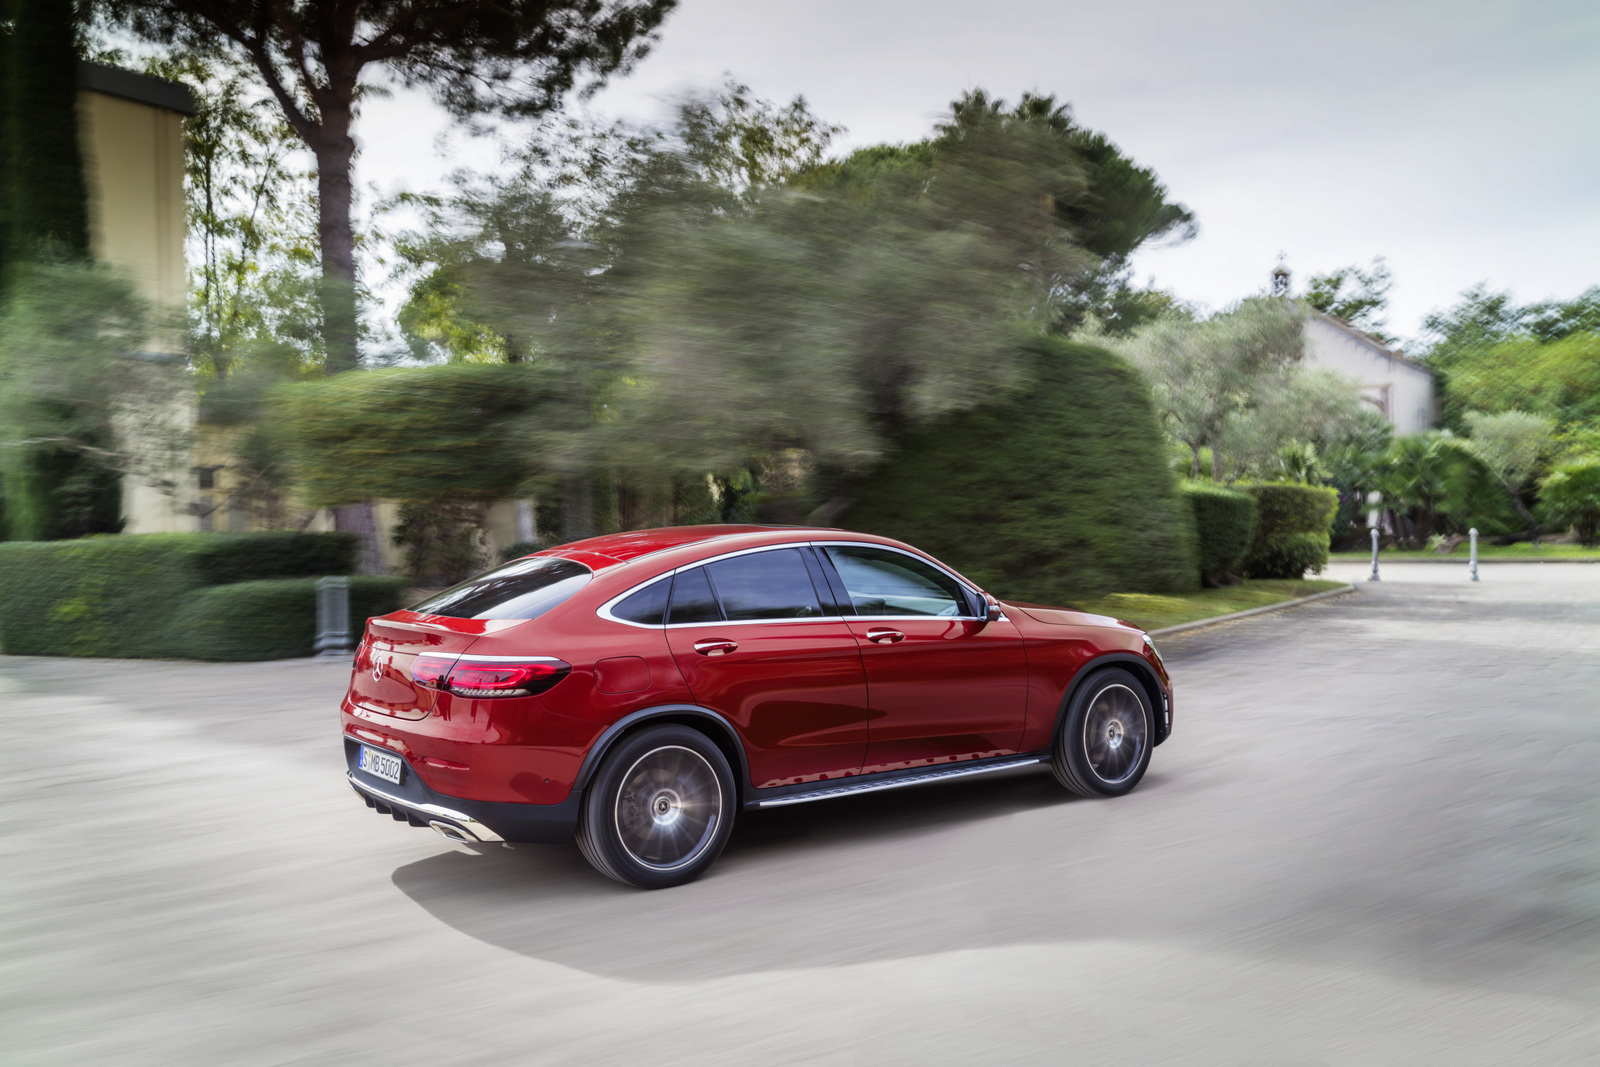 Ցուցադրվել է թարմացված Mercedes-Benz GLC Coupe կրոս կուպեն